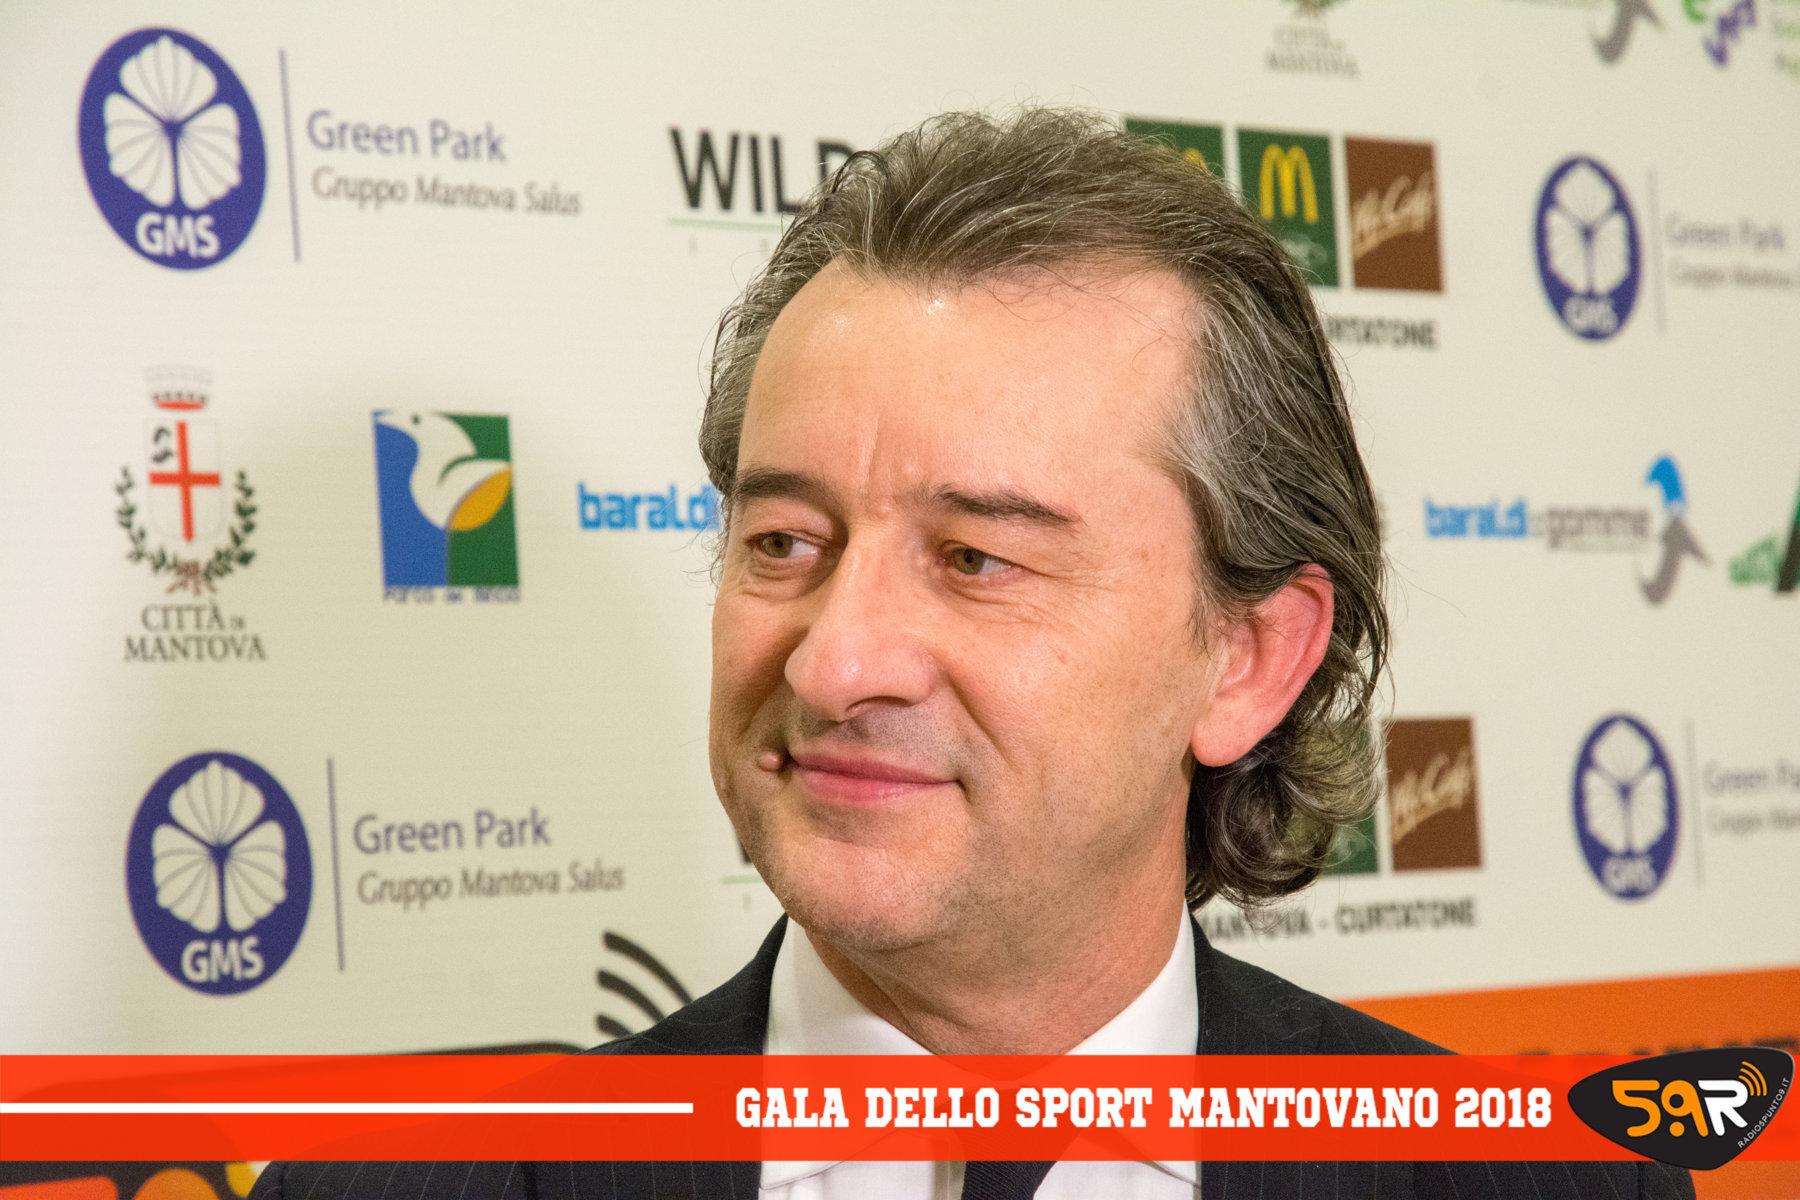 Gala dello Sport Mantovano 2018 Web Radio 5 (40)